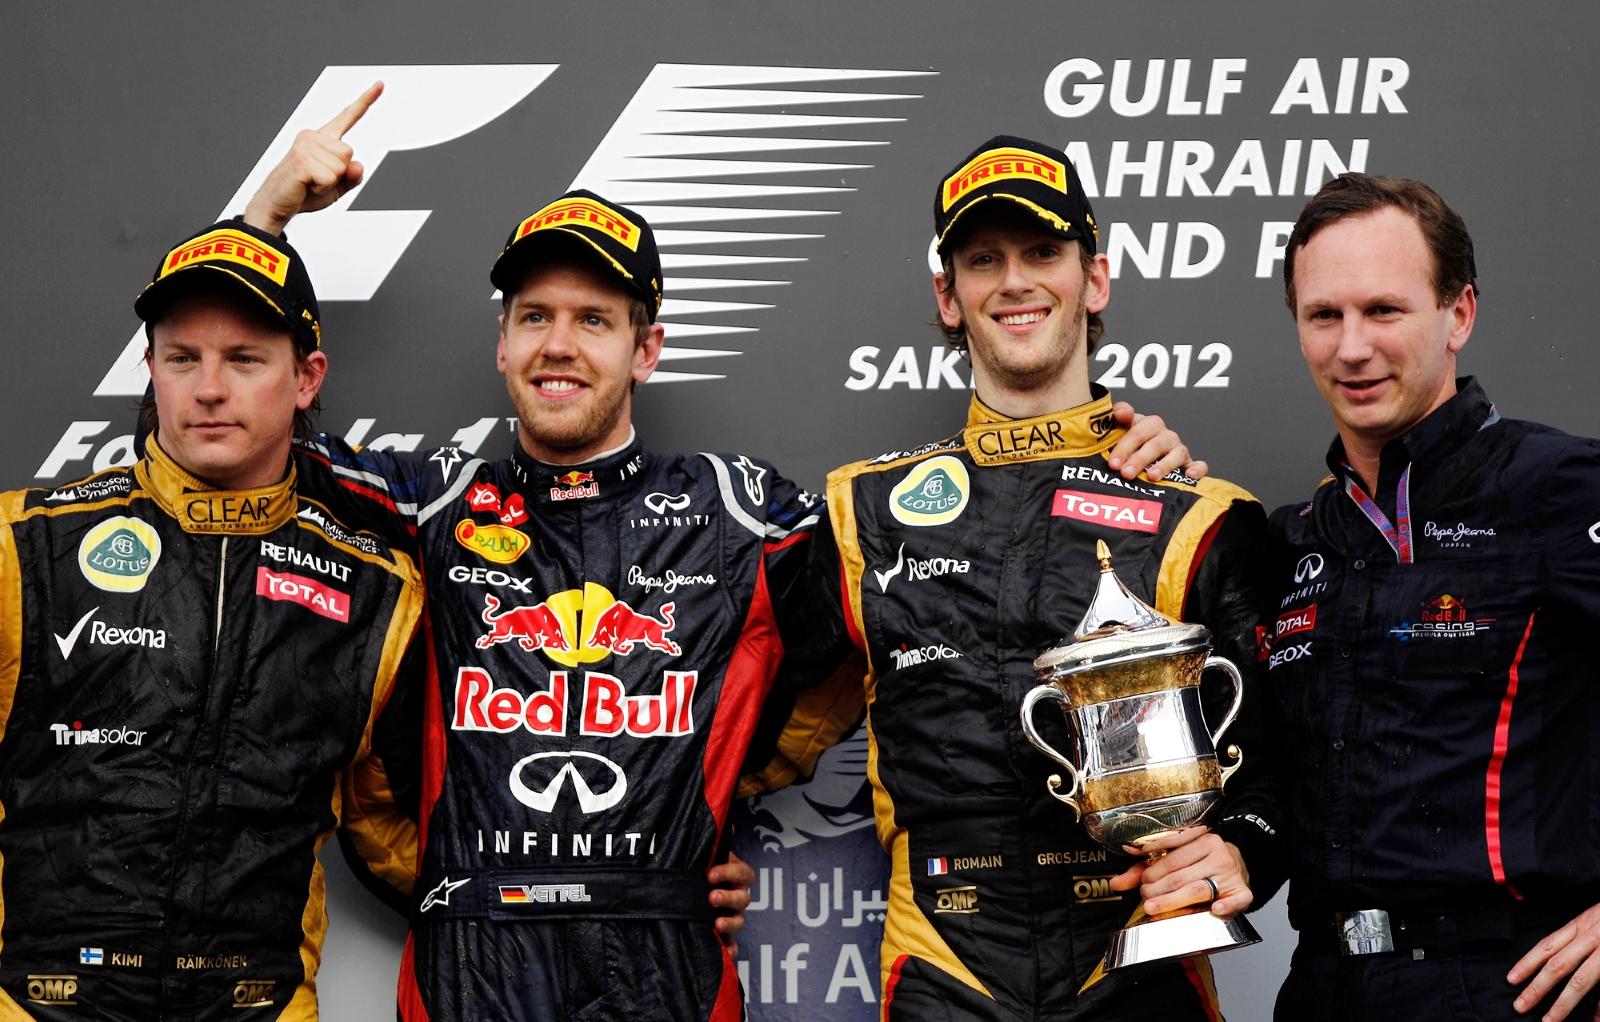 Romain Grosjean je na četvrtoj utrci prvenstva u Bahrainu 2012. osvojio prvo pobjedničko postolje u karijeri, iza pobjednika Vettela i momčadskog kolege Kimija Raikkonena (22.4.2012.) Foto: f1-fanatic